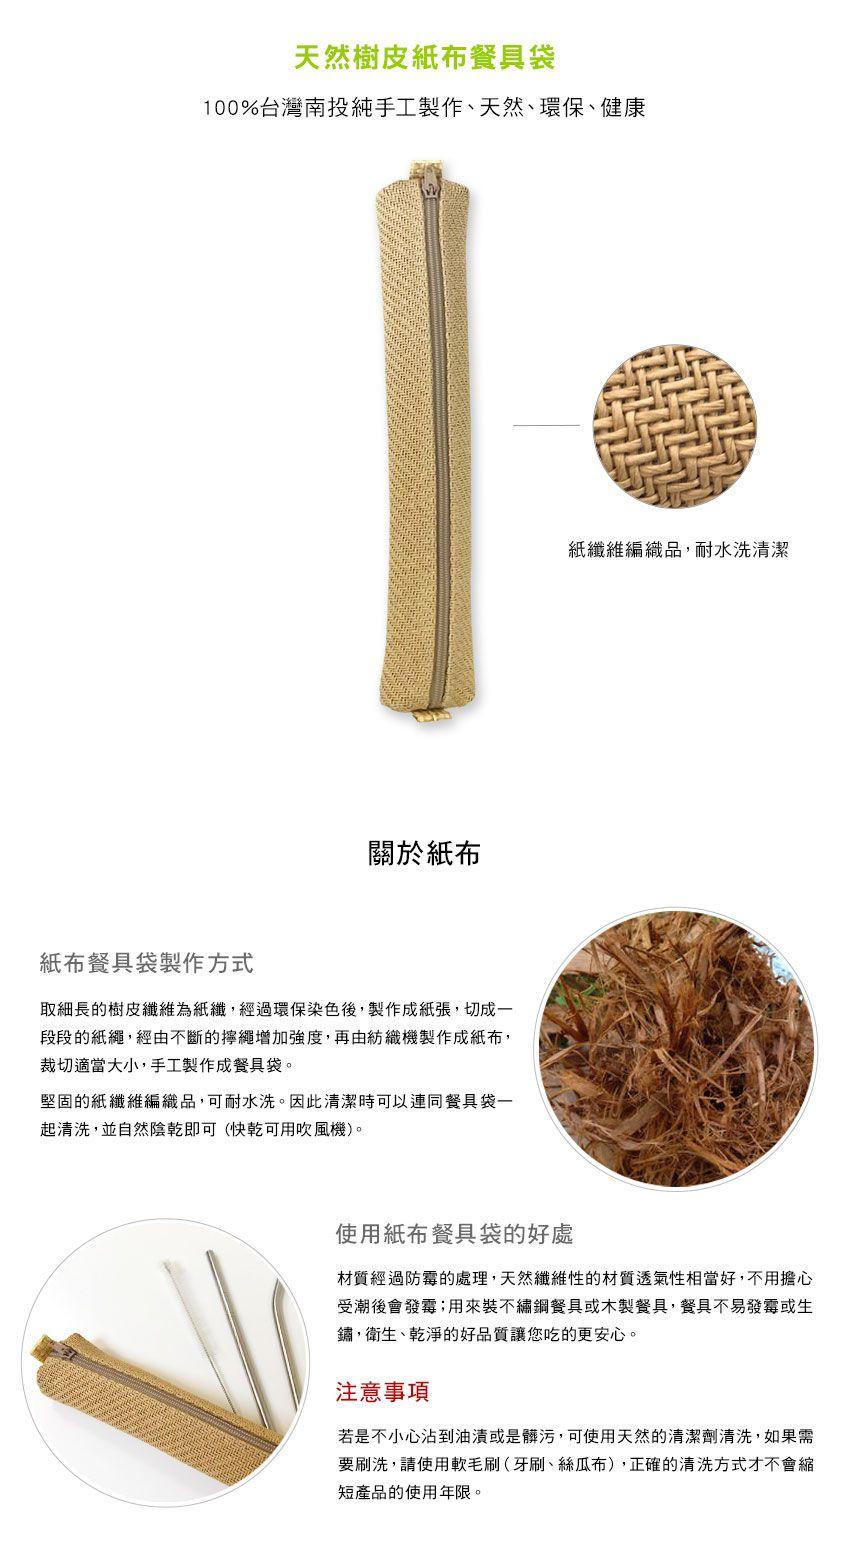 304 食品級不鏽鋼吸管組合 (直+粗+彎+刷) 附贈天然紙布拉鍊餐具袋